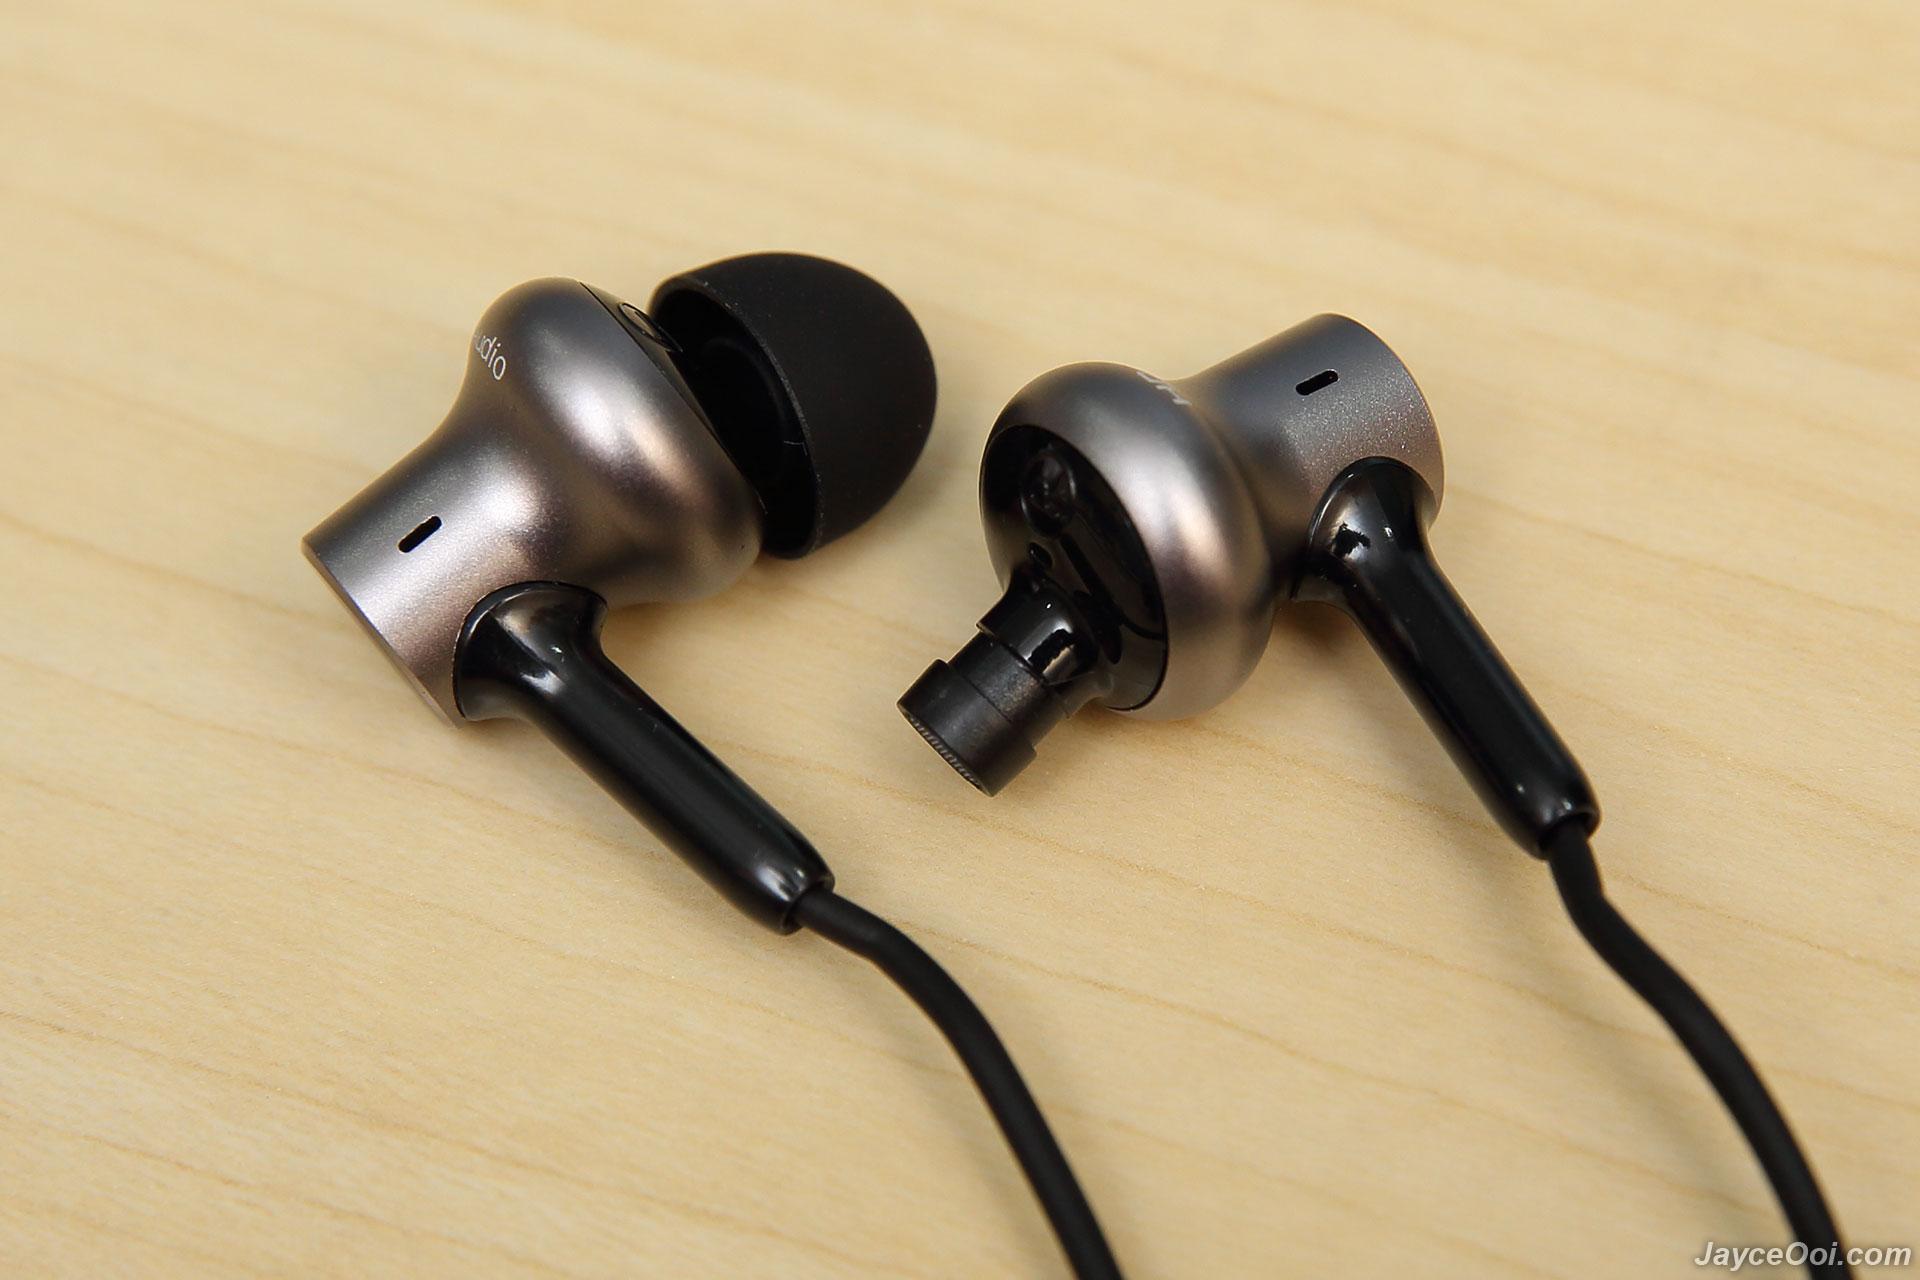 Mi In Ear Headphones Pro Hd Review Jayceooi Com